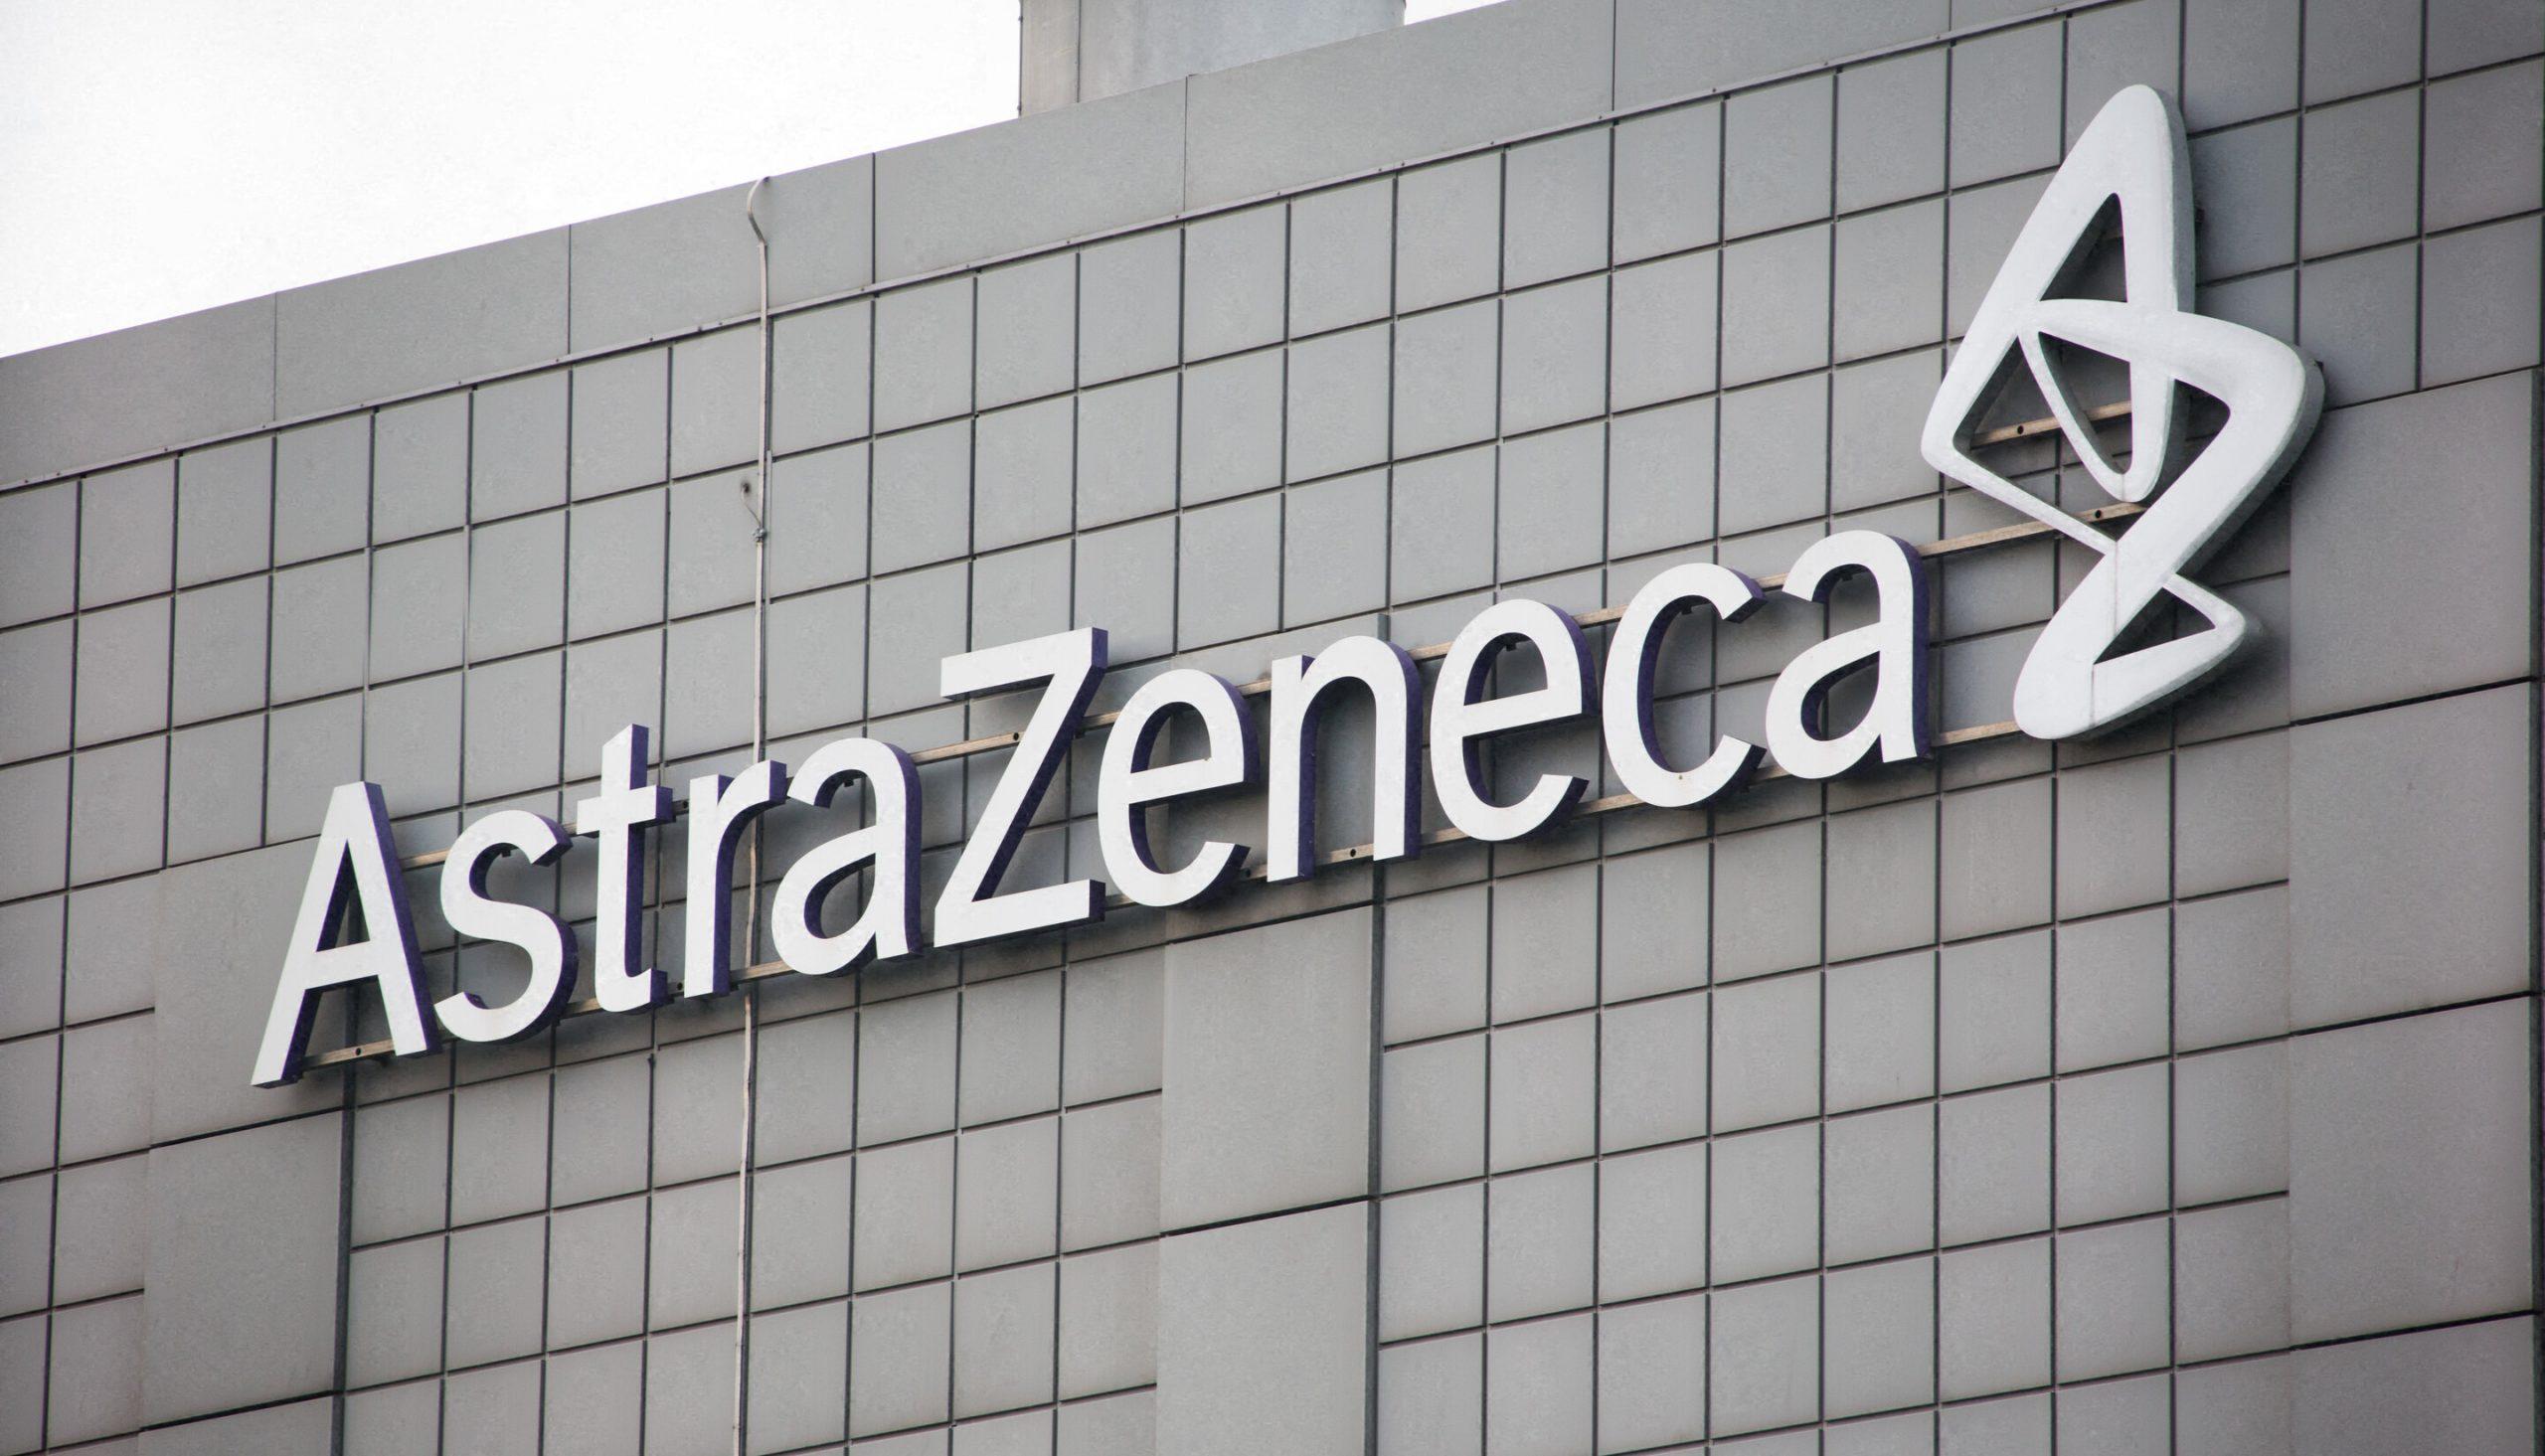 AstraZeneca a dezvoltat un tratament eficient în prevenirea Covid-19, arată studiile de fază 3